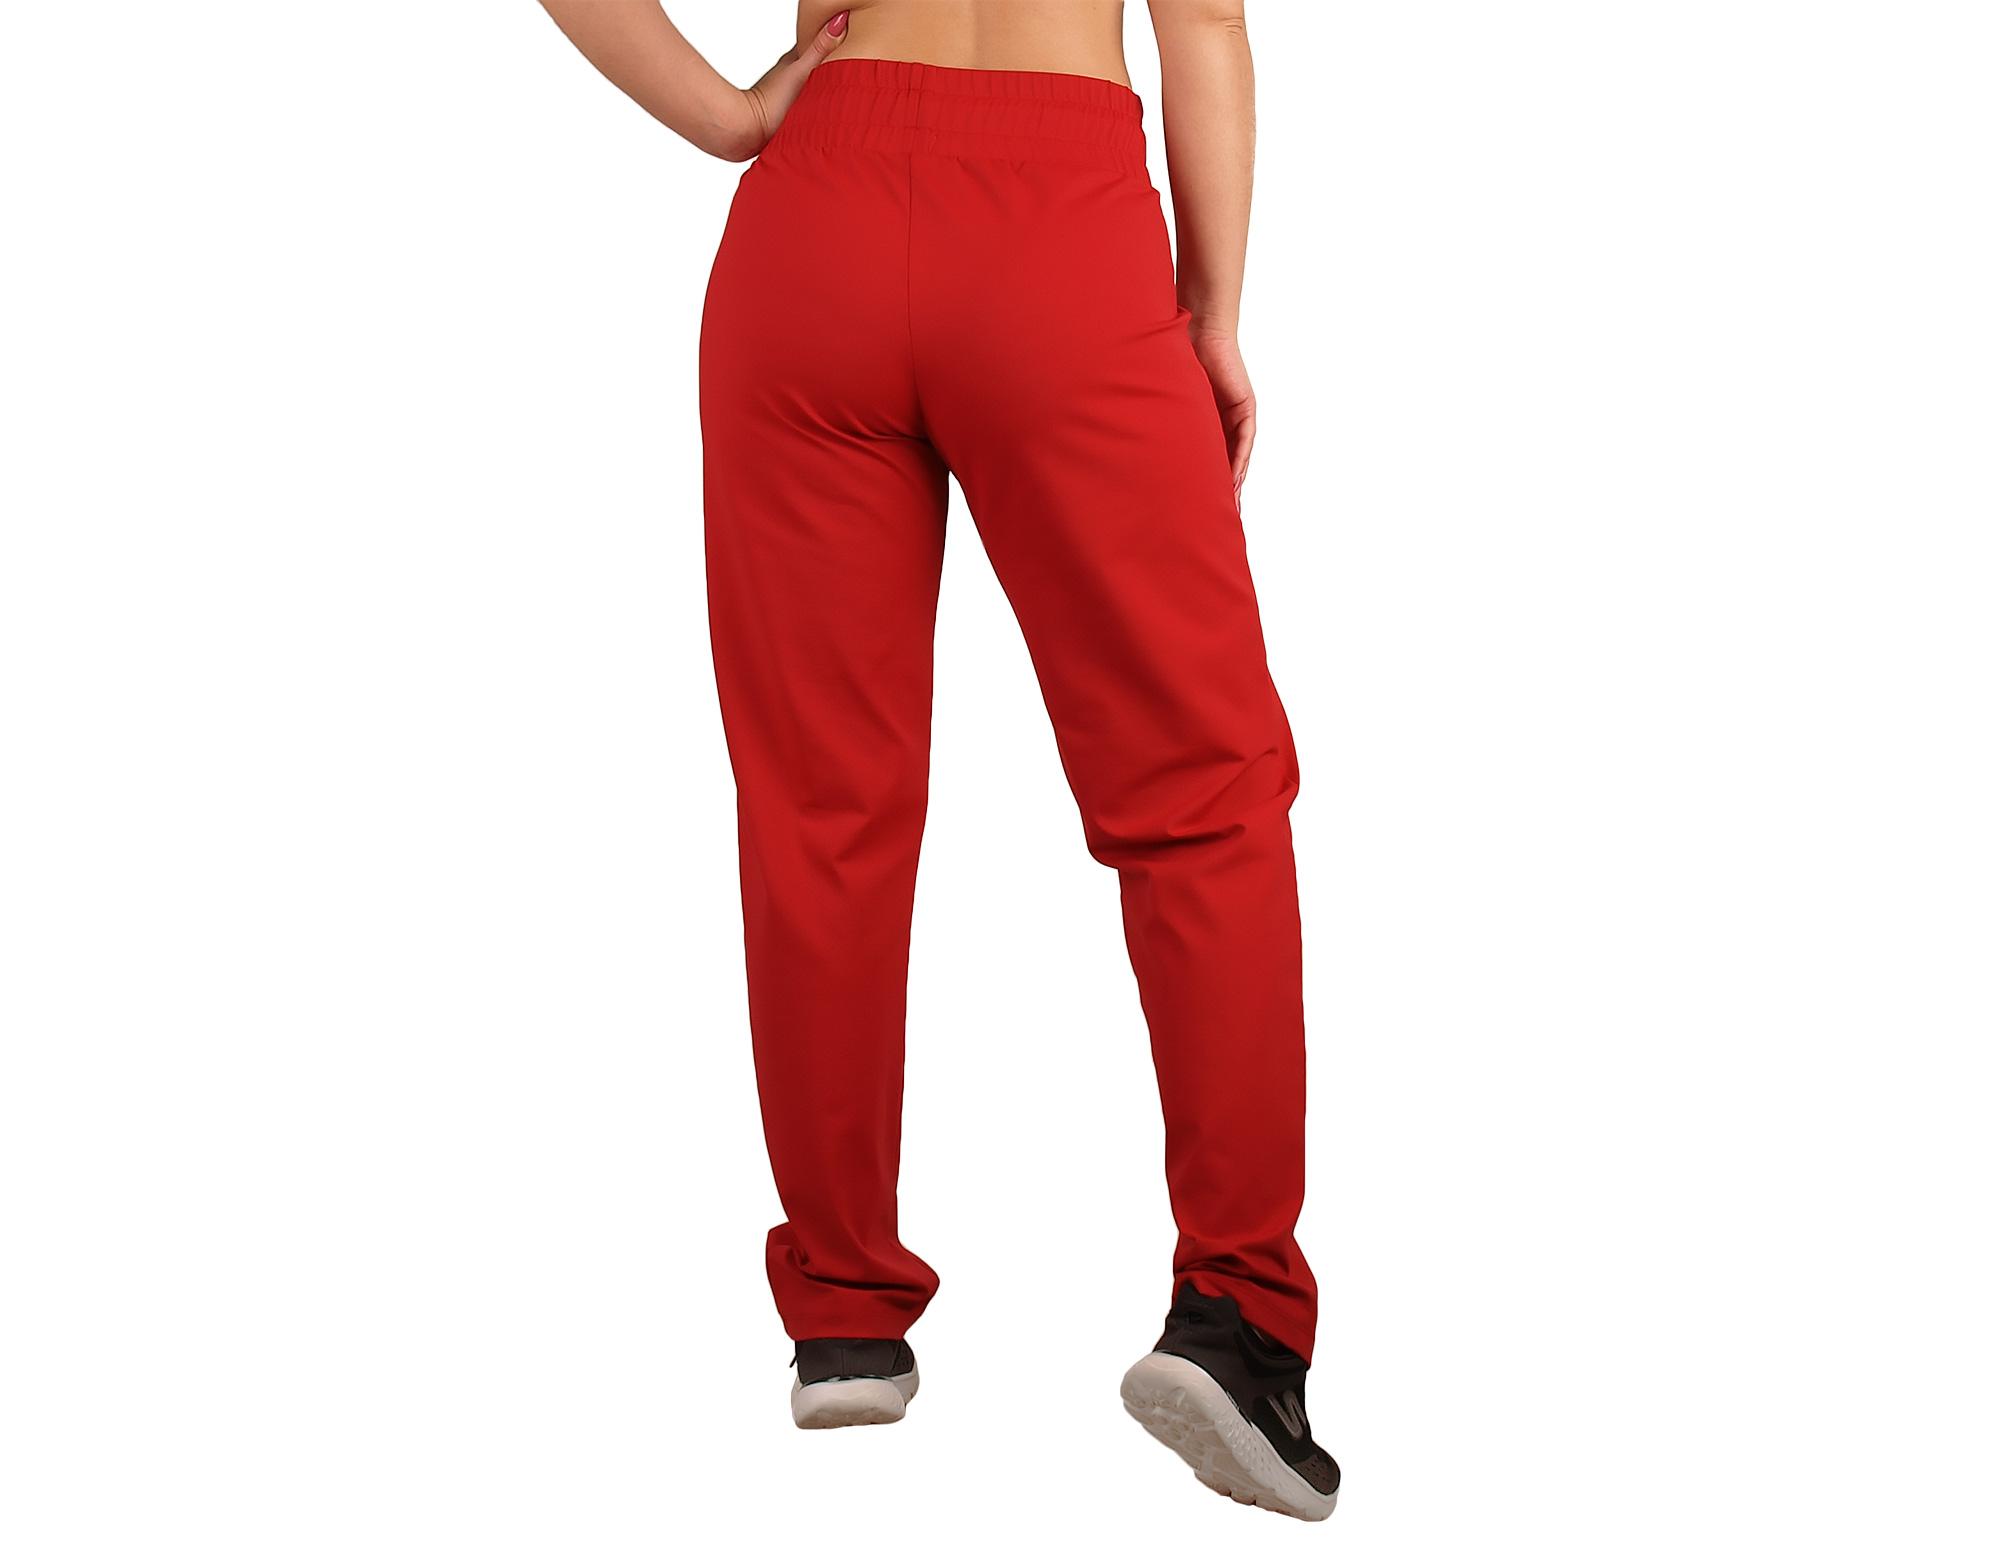 Pantalons de sport pour femmes